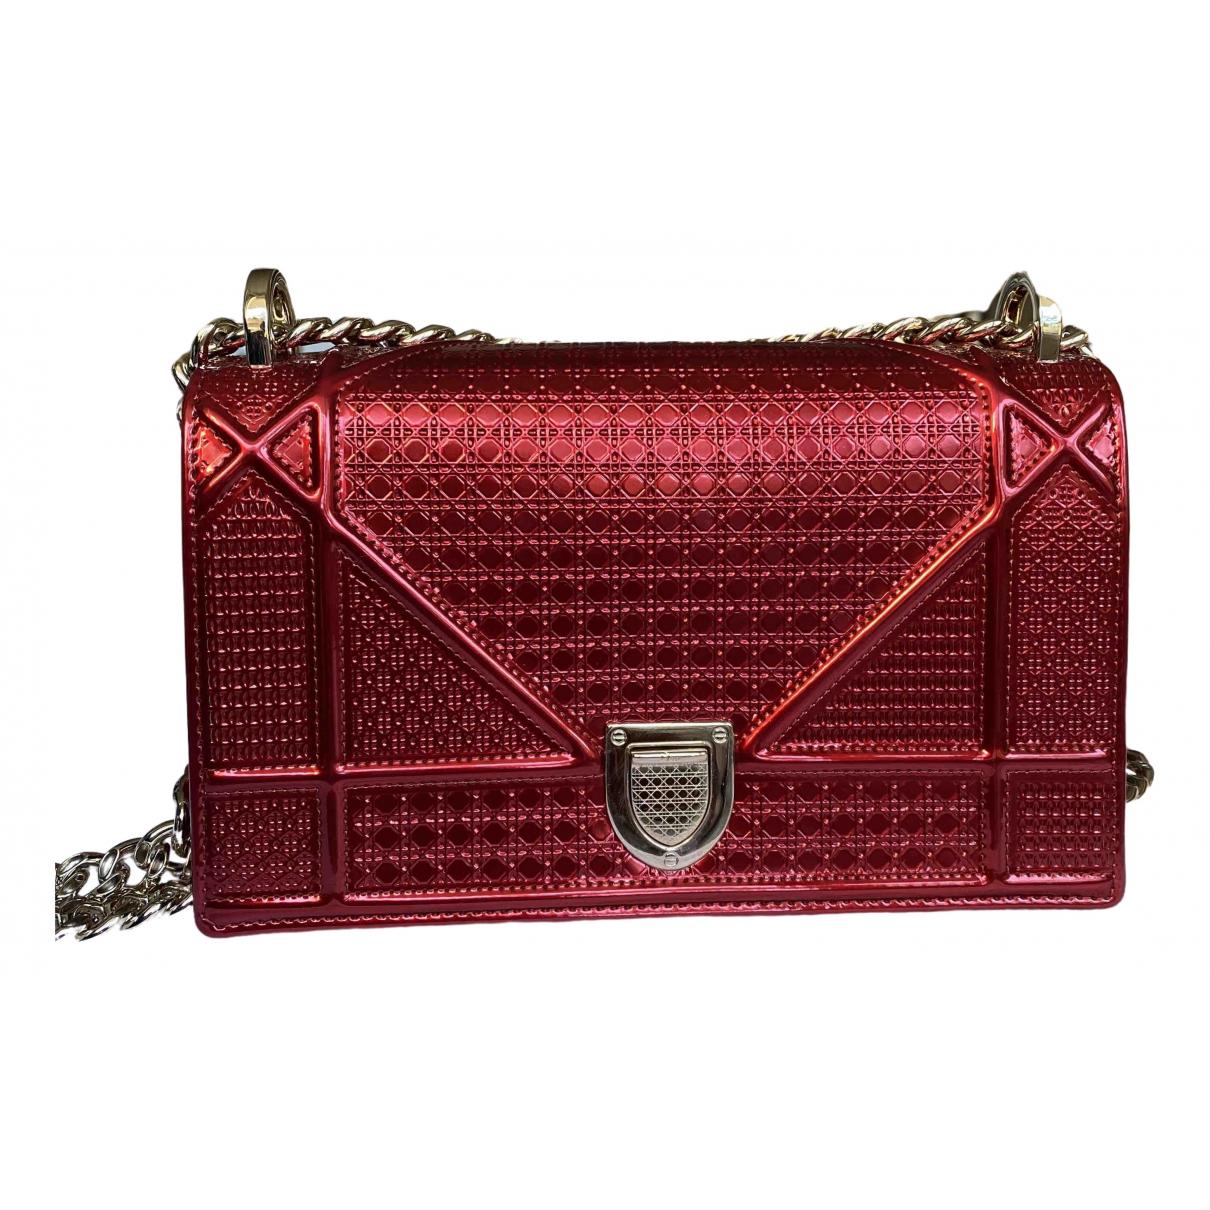 Dior - Sac a main Diorama pour femme en cuir verni - rouge